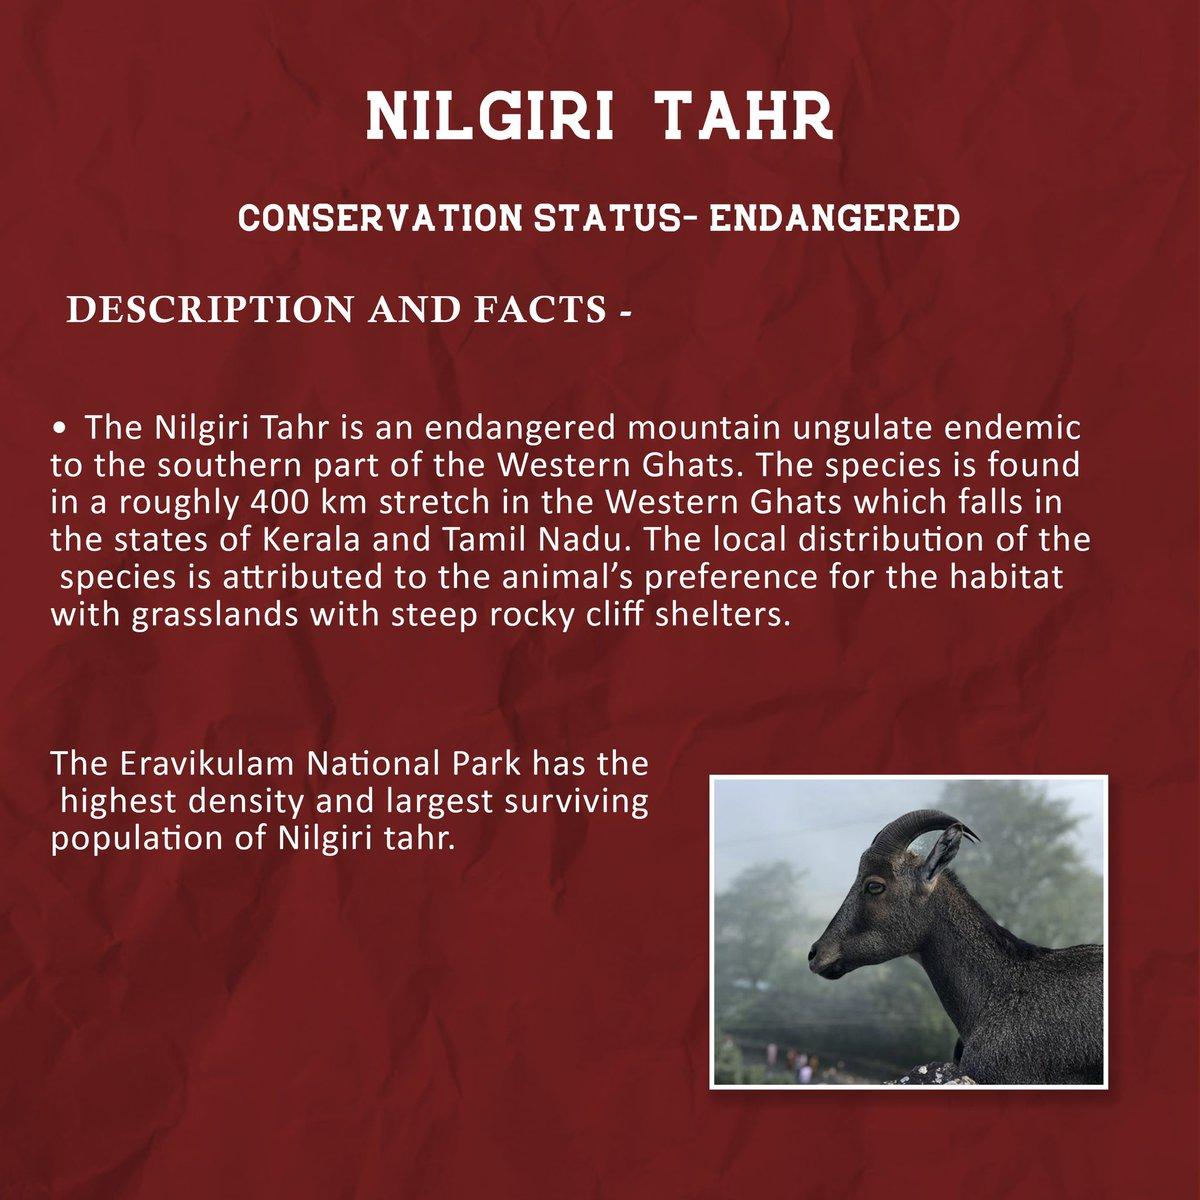 #NilgiriTahr  #WesternGhats  #wildlifeweek2020 https://t.co/tskeknzdWR